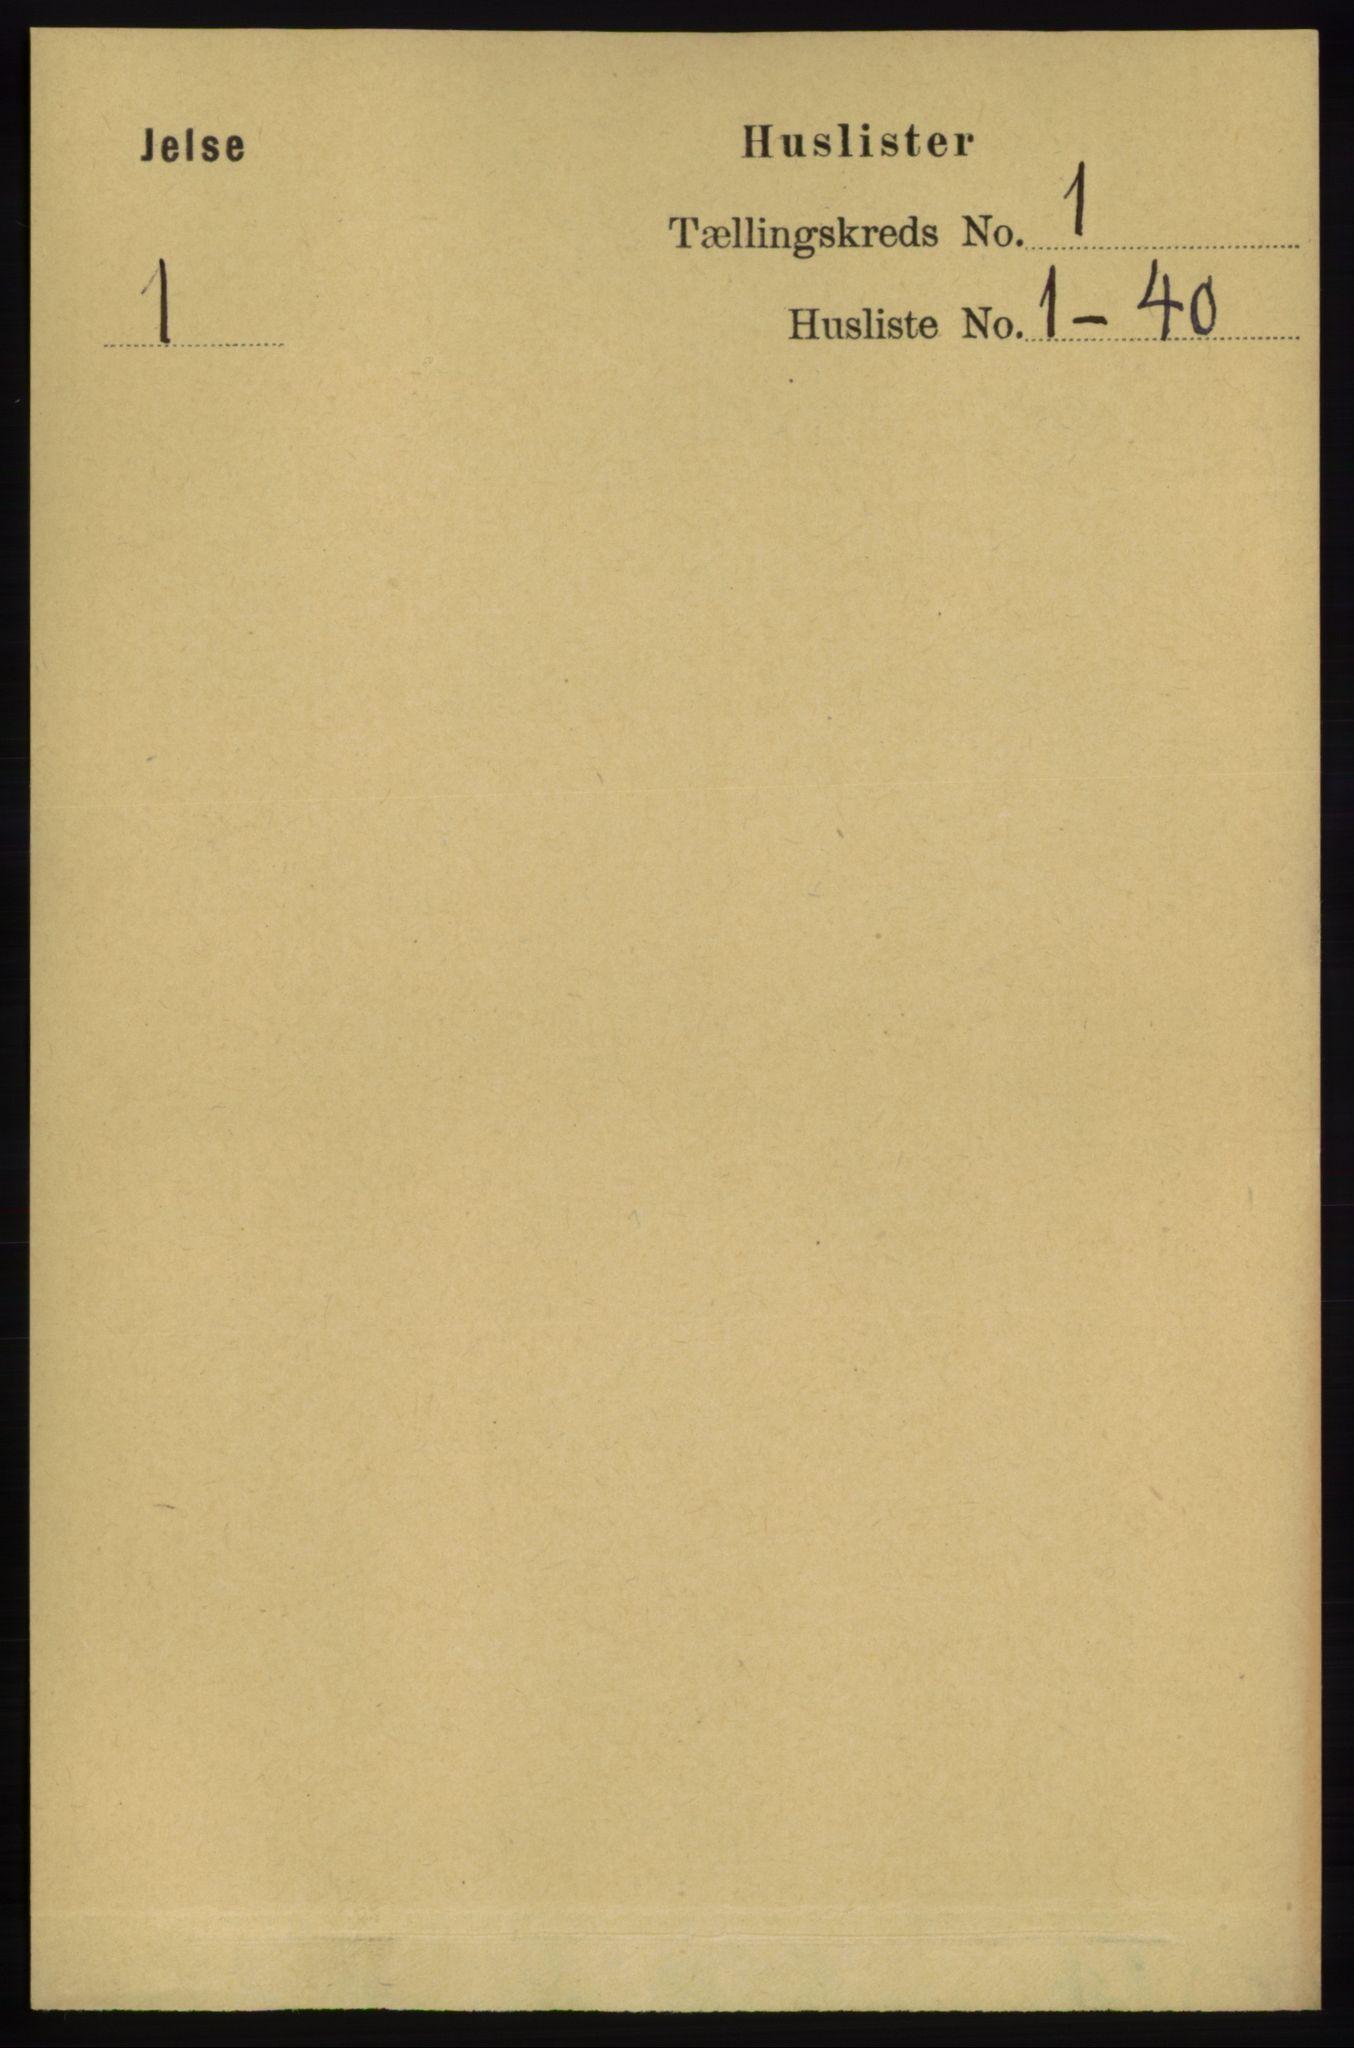 RA, Folketelling 1891 for 1138 Jelsa herred, 1891, s. 29